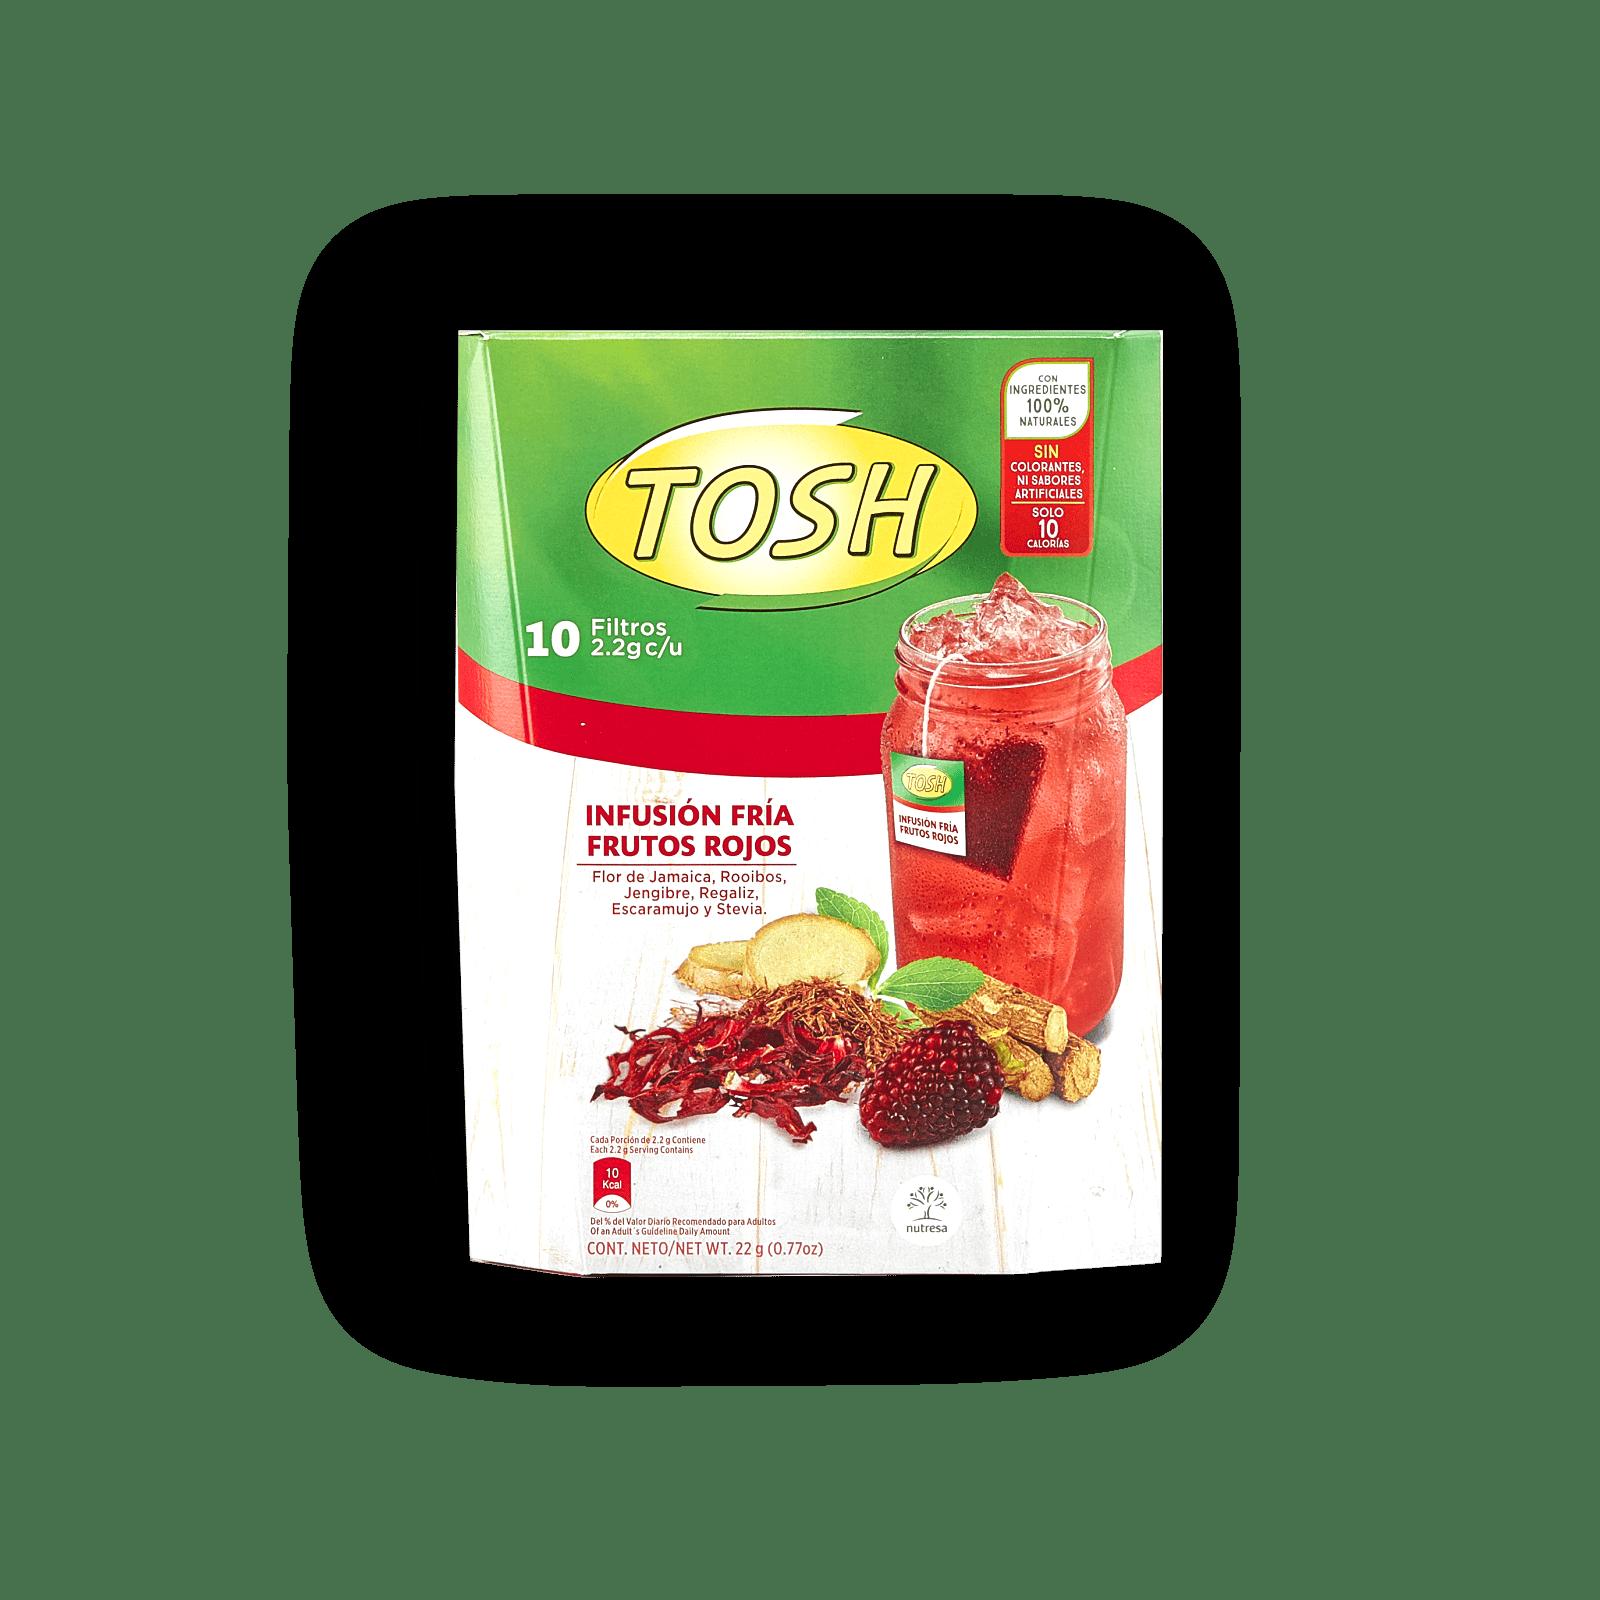 Infusión Fría Frutos Rojos